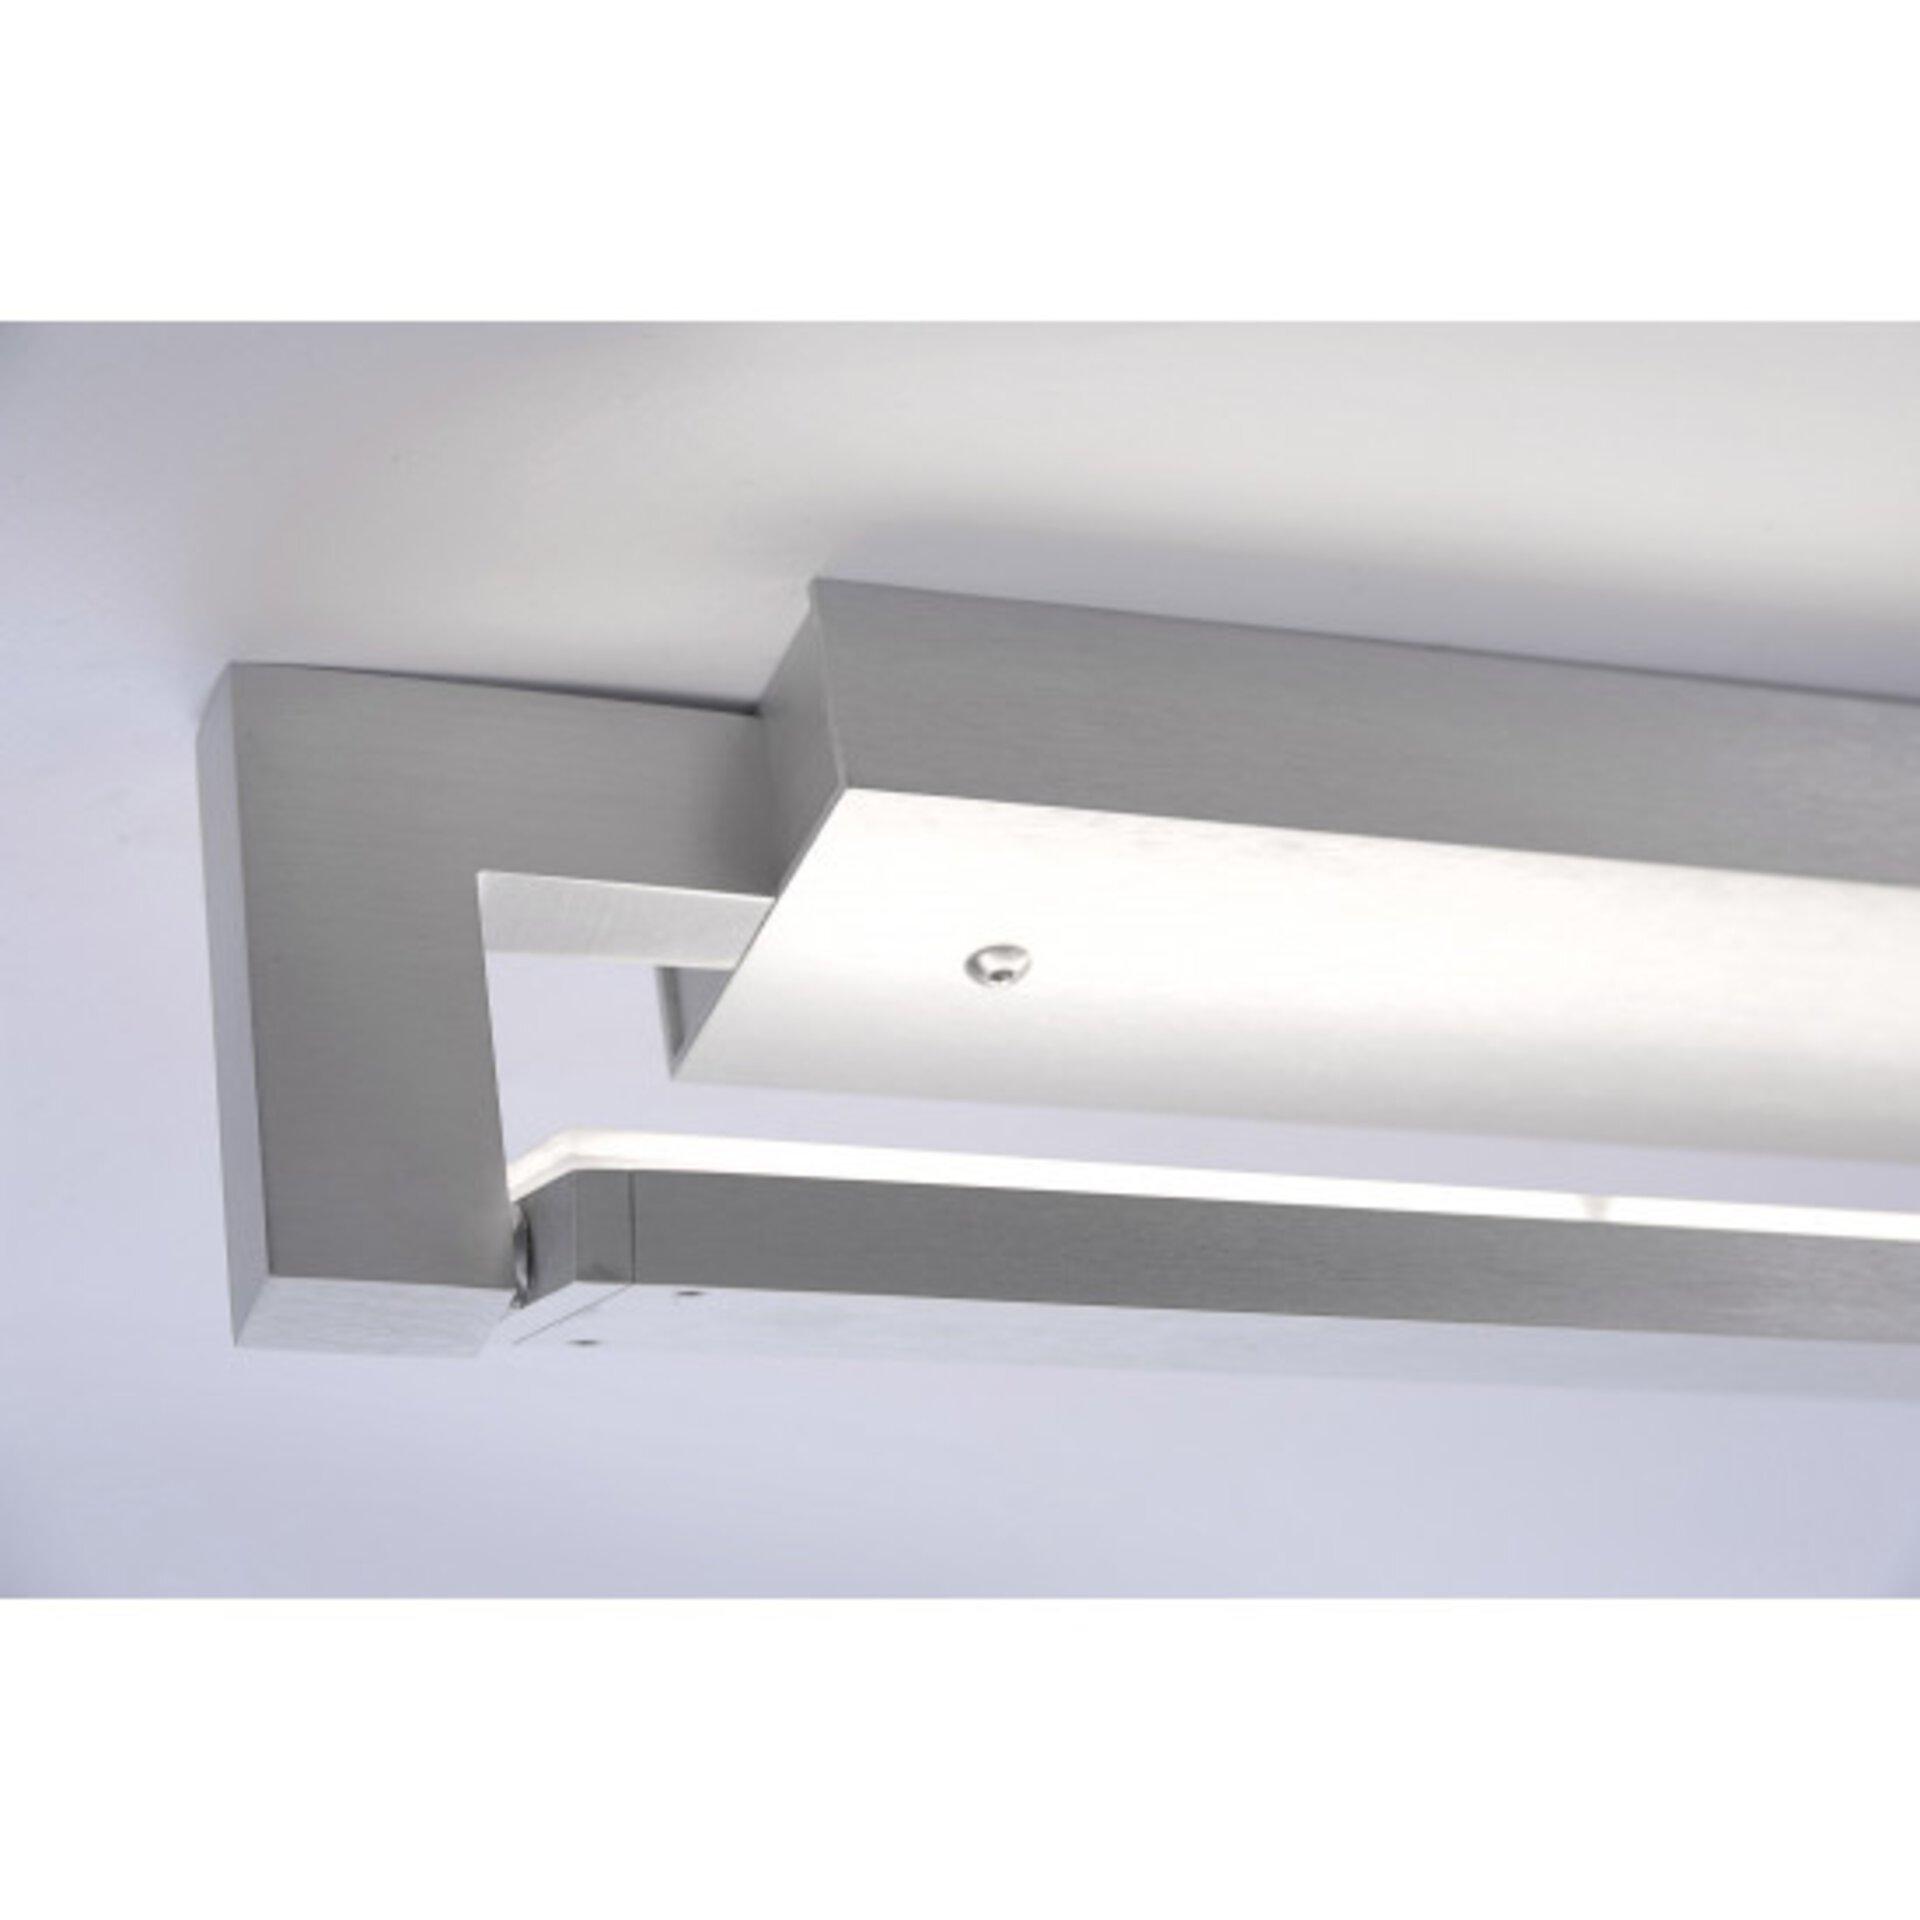 Smart-Home-Leuchten Q-MATTEO Paul Neuhaus Metall silber 6 x 10 x 52 cm